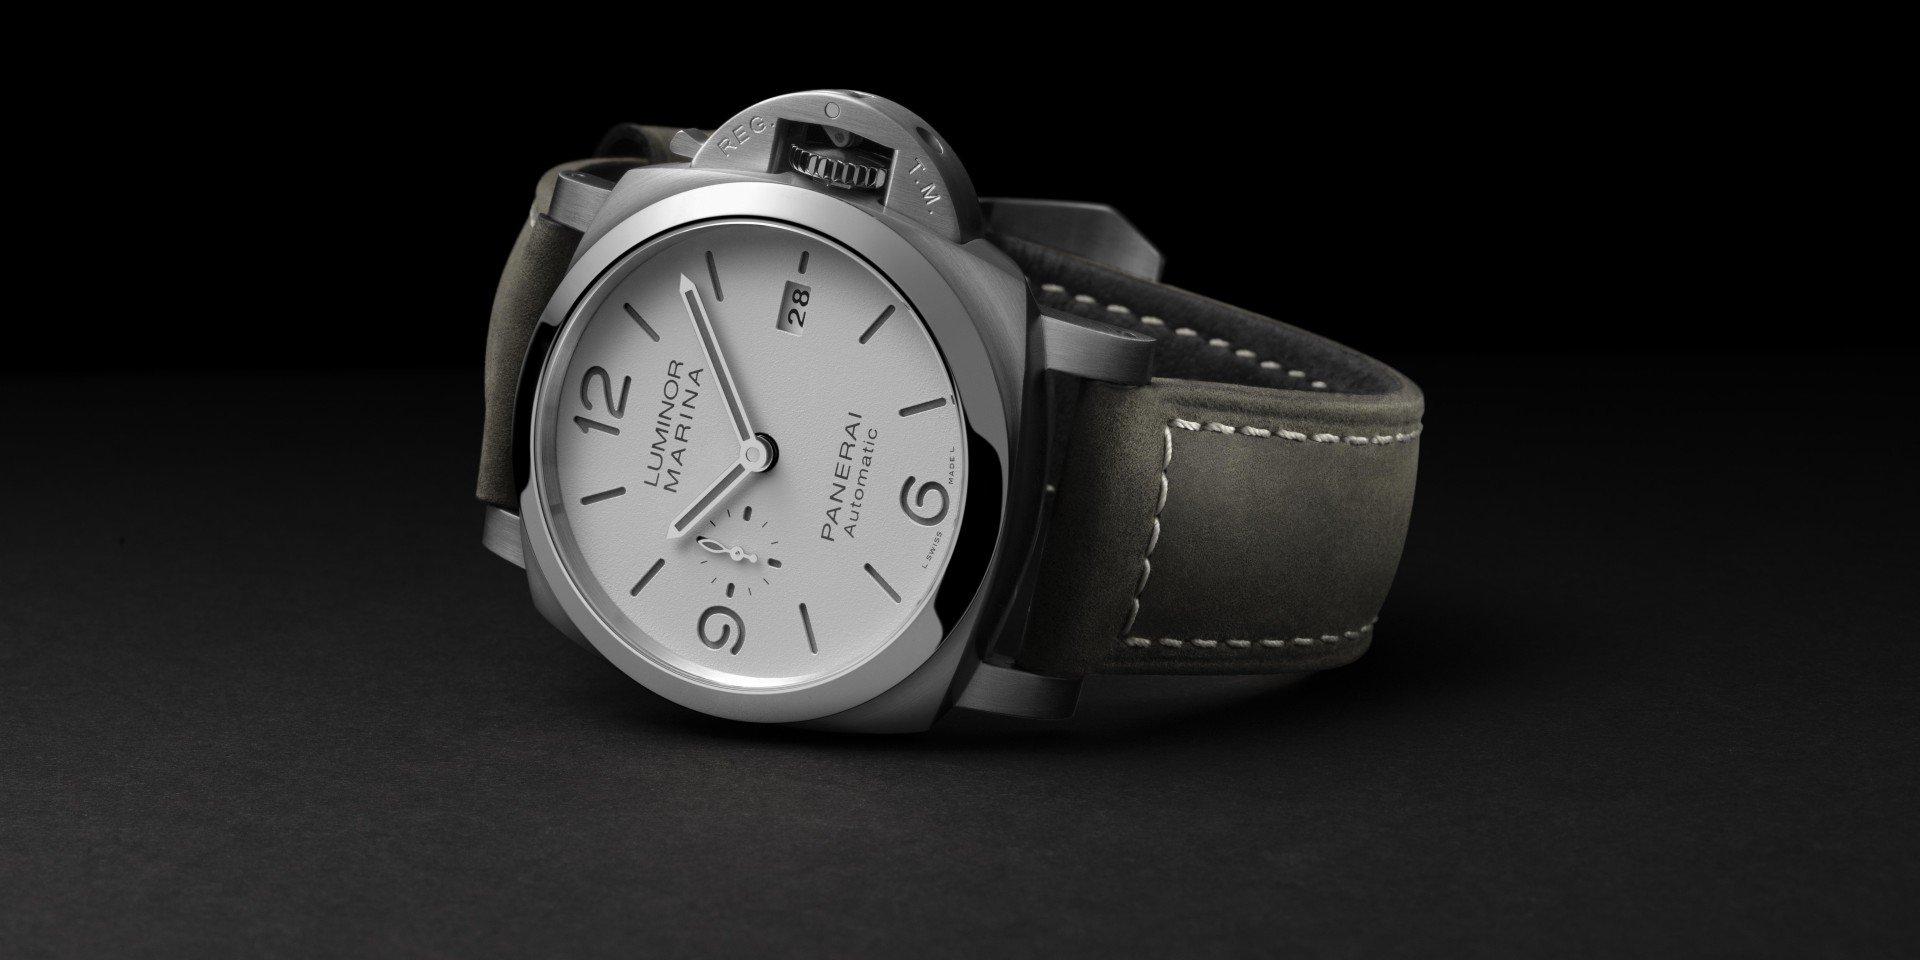 【2020線上錶展】沛納海發表首款白色三明治面盤腕錶 —Luminor Marina Automatic 44毫米腕錶 (PAM01314)